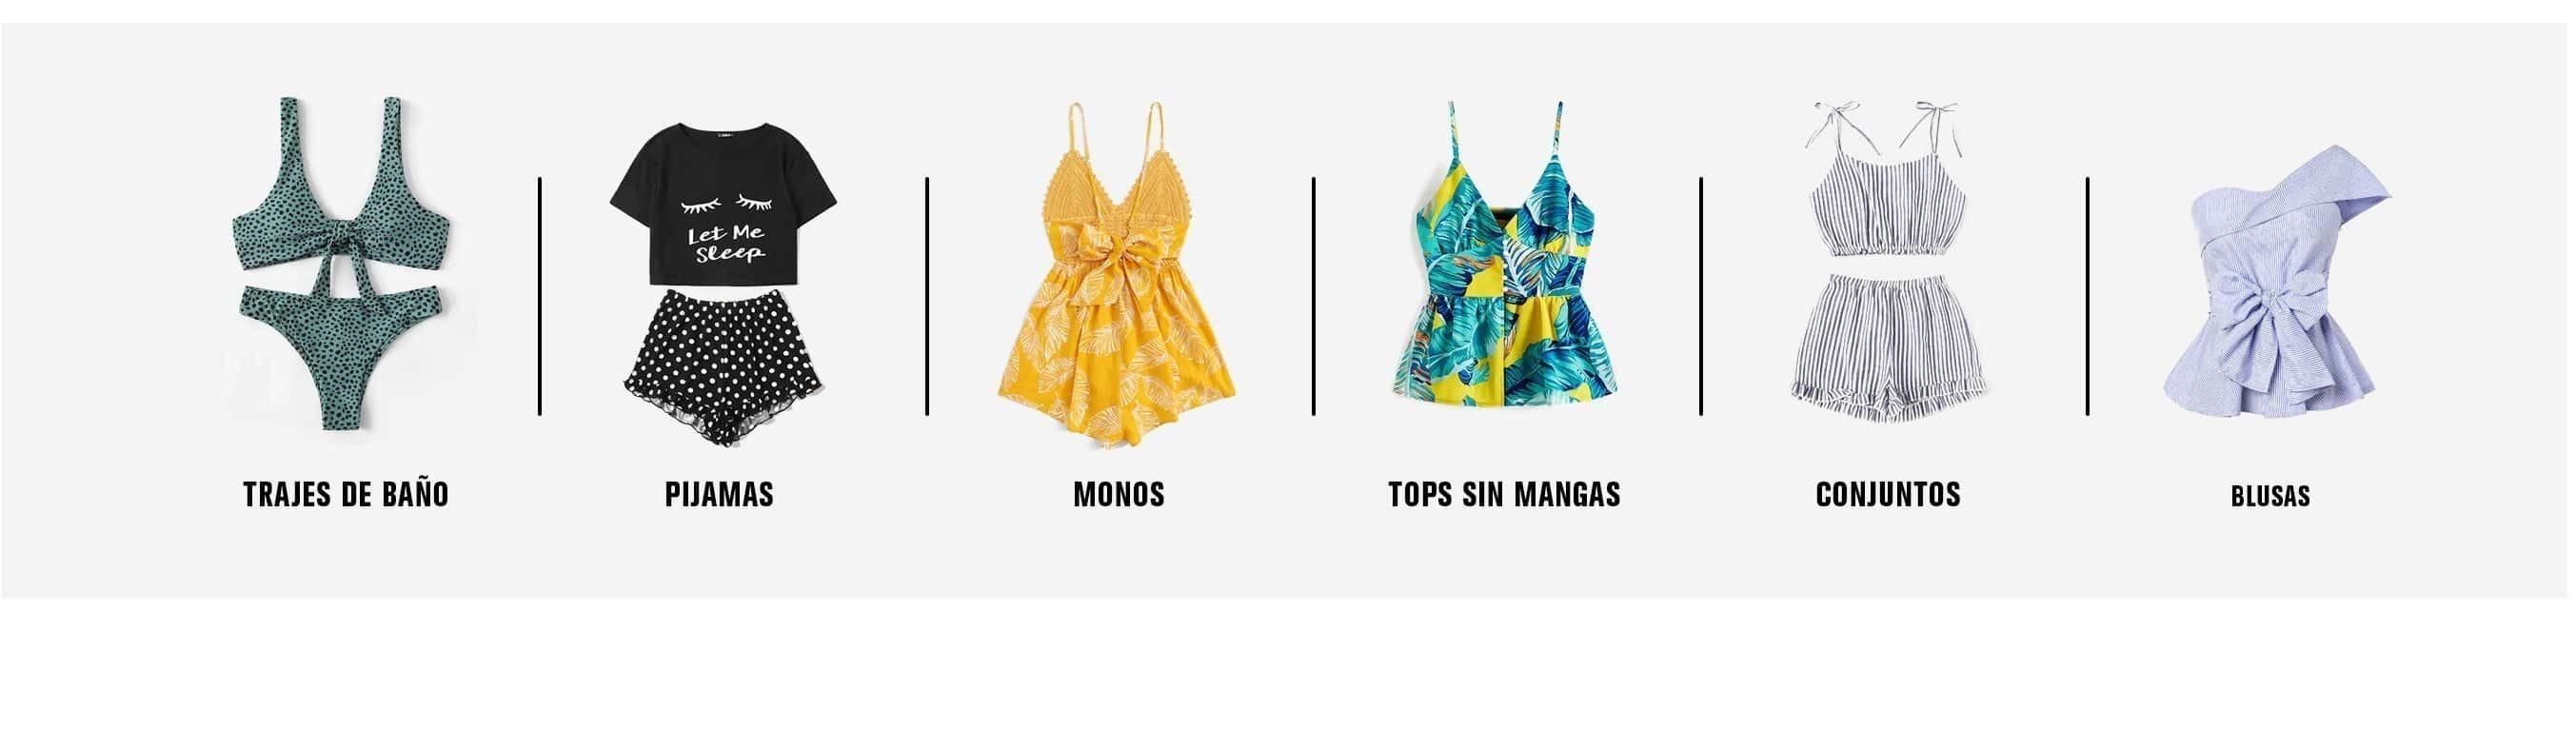 b948621ea8b2 Ropa y moda de Mujer al mejor precio online